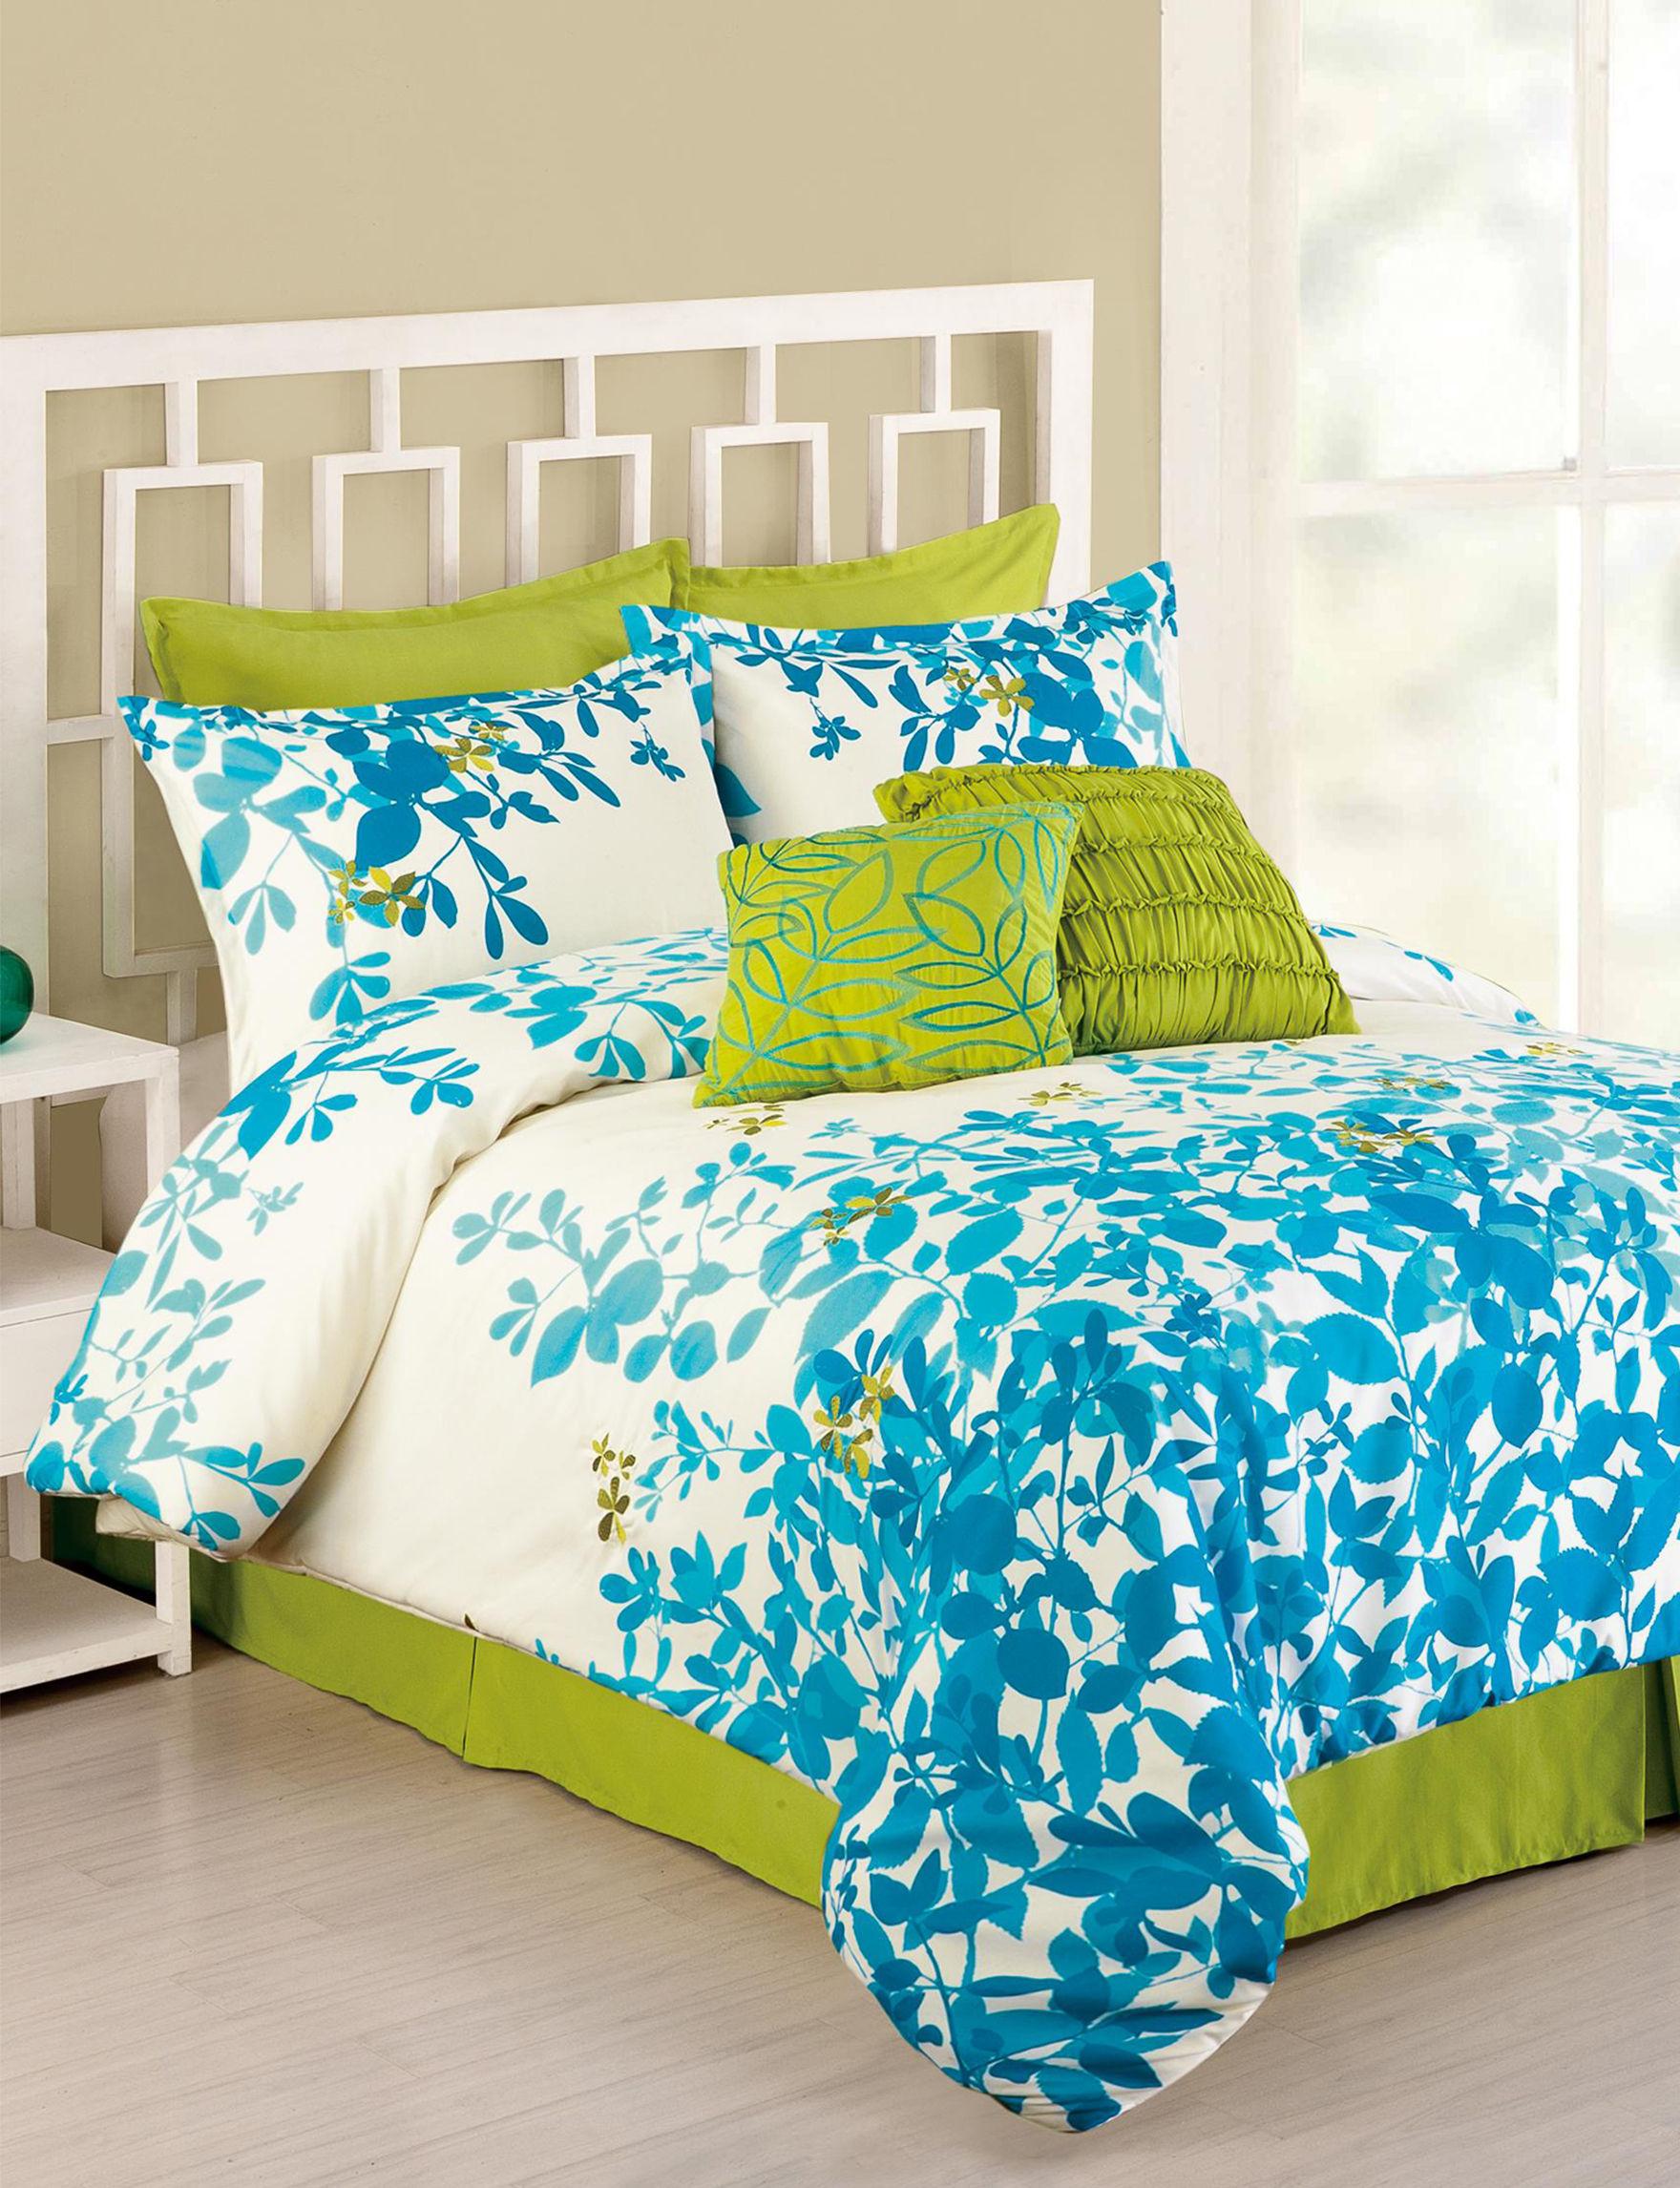 Presidio Square Blue / White Comforters & Comforter Sets